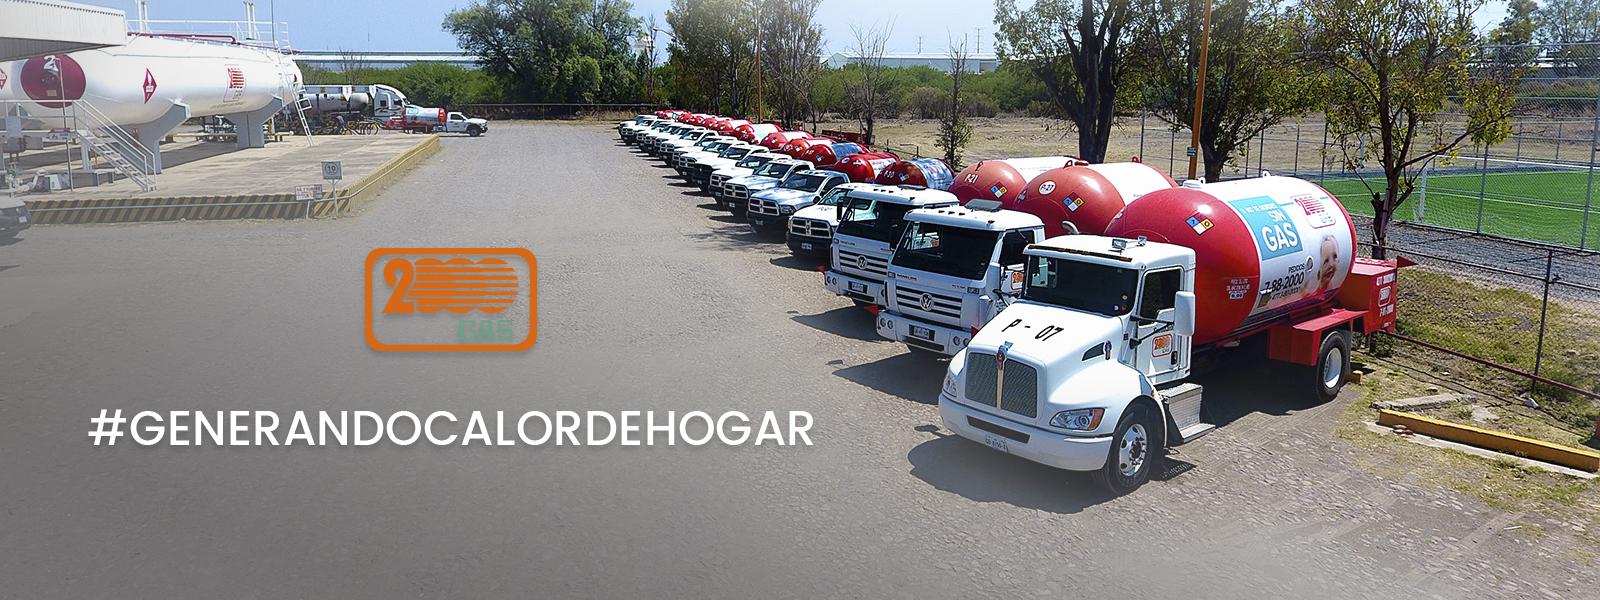 2000 Gas, #GENERANDOCALORDEHOGAR